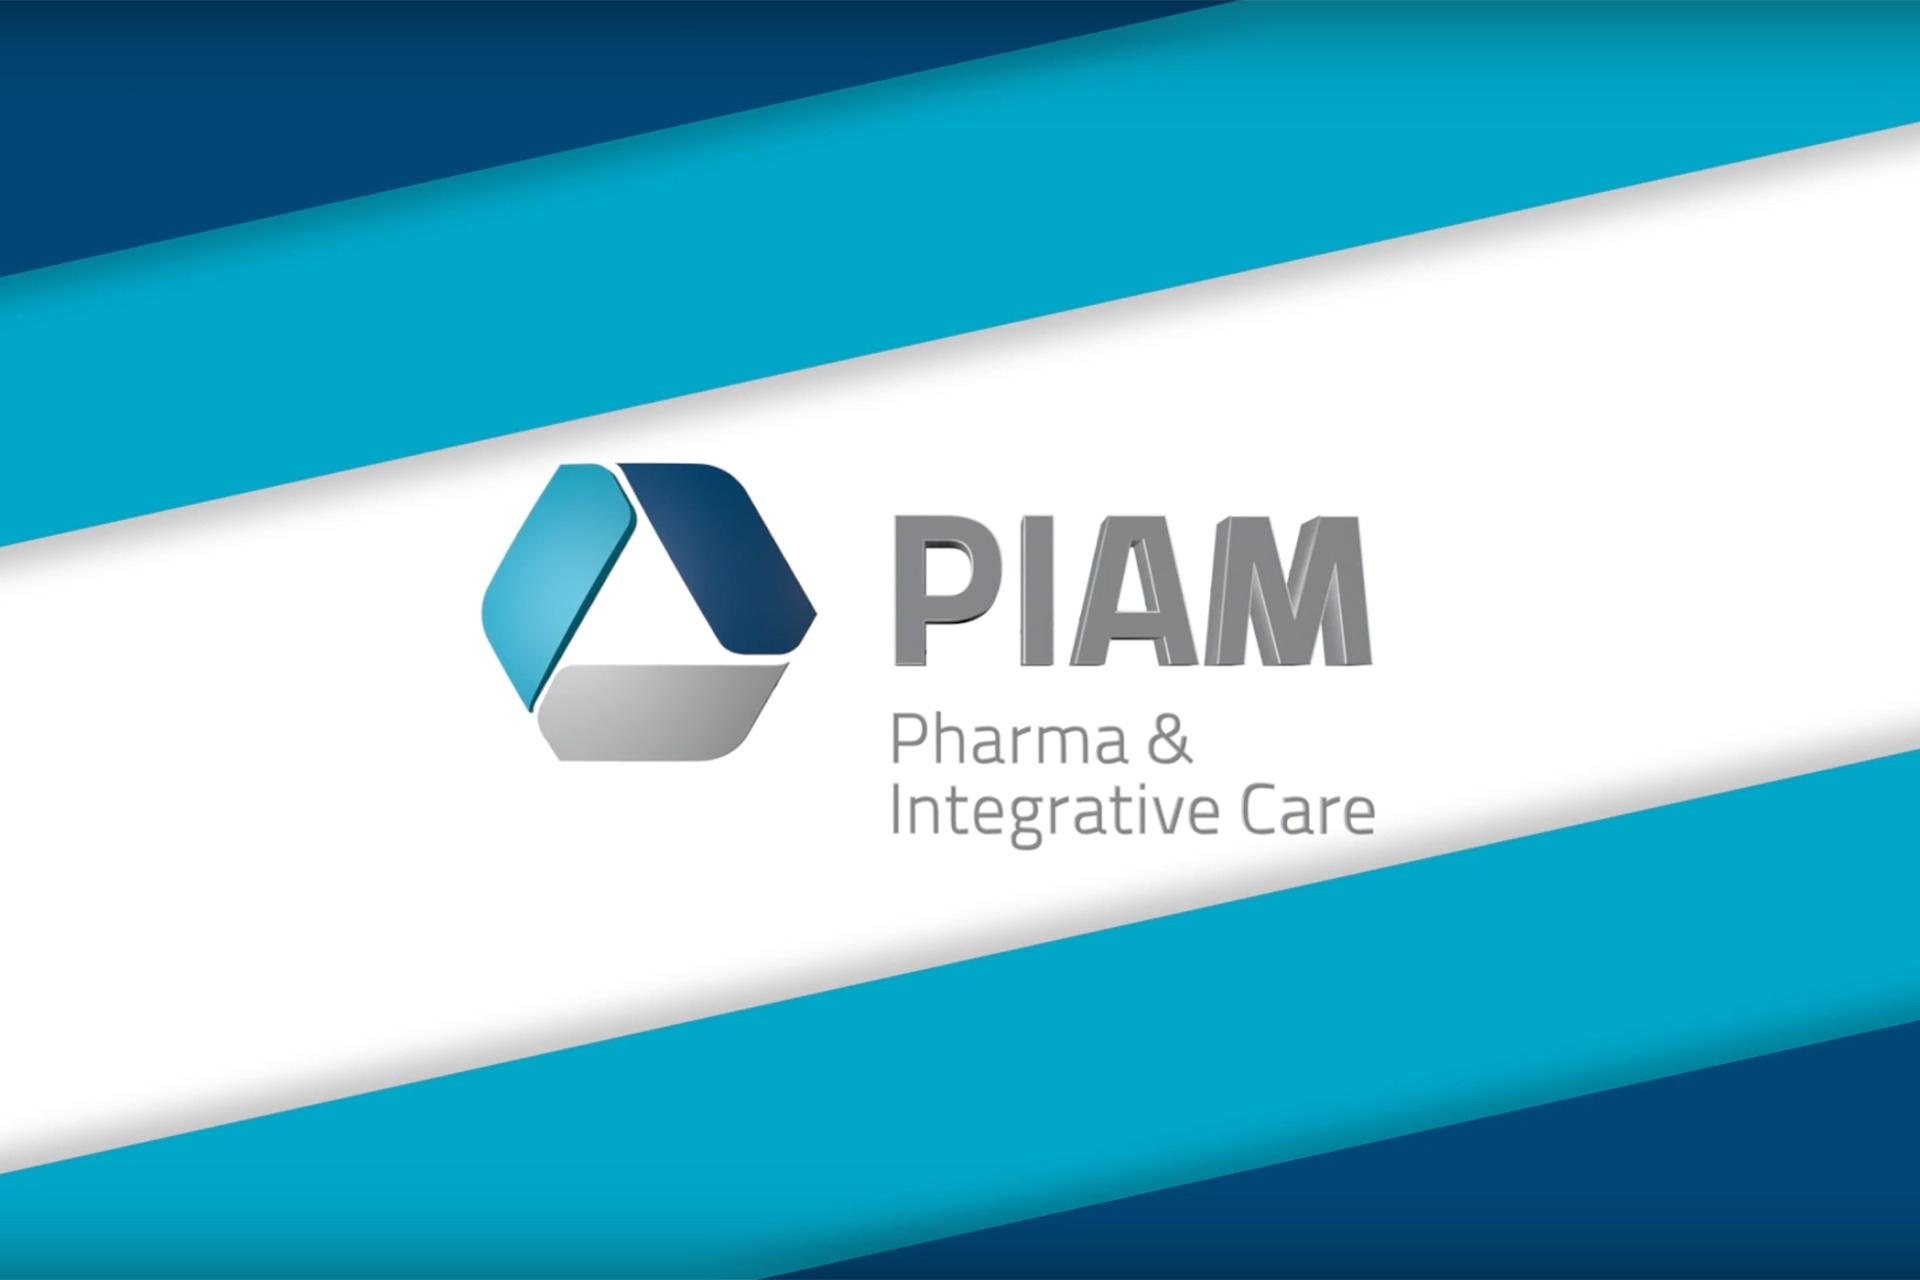 logo_piam_video